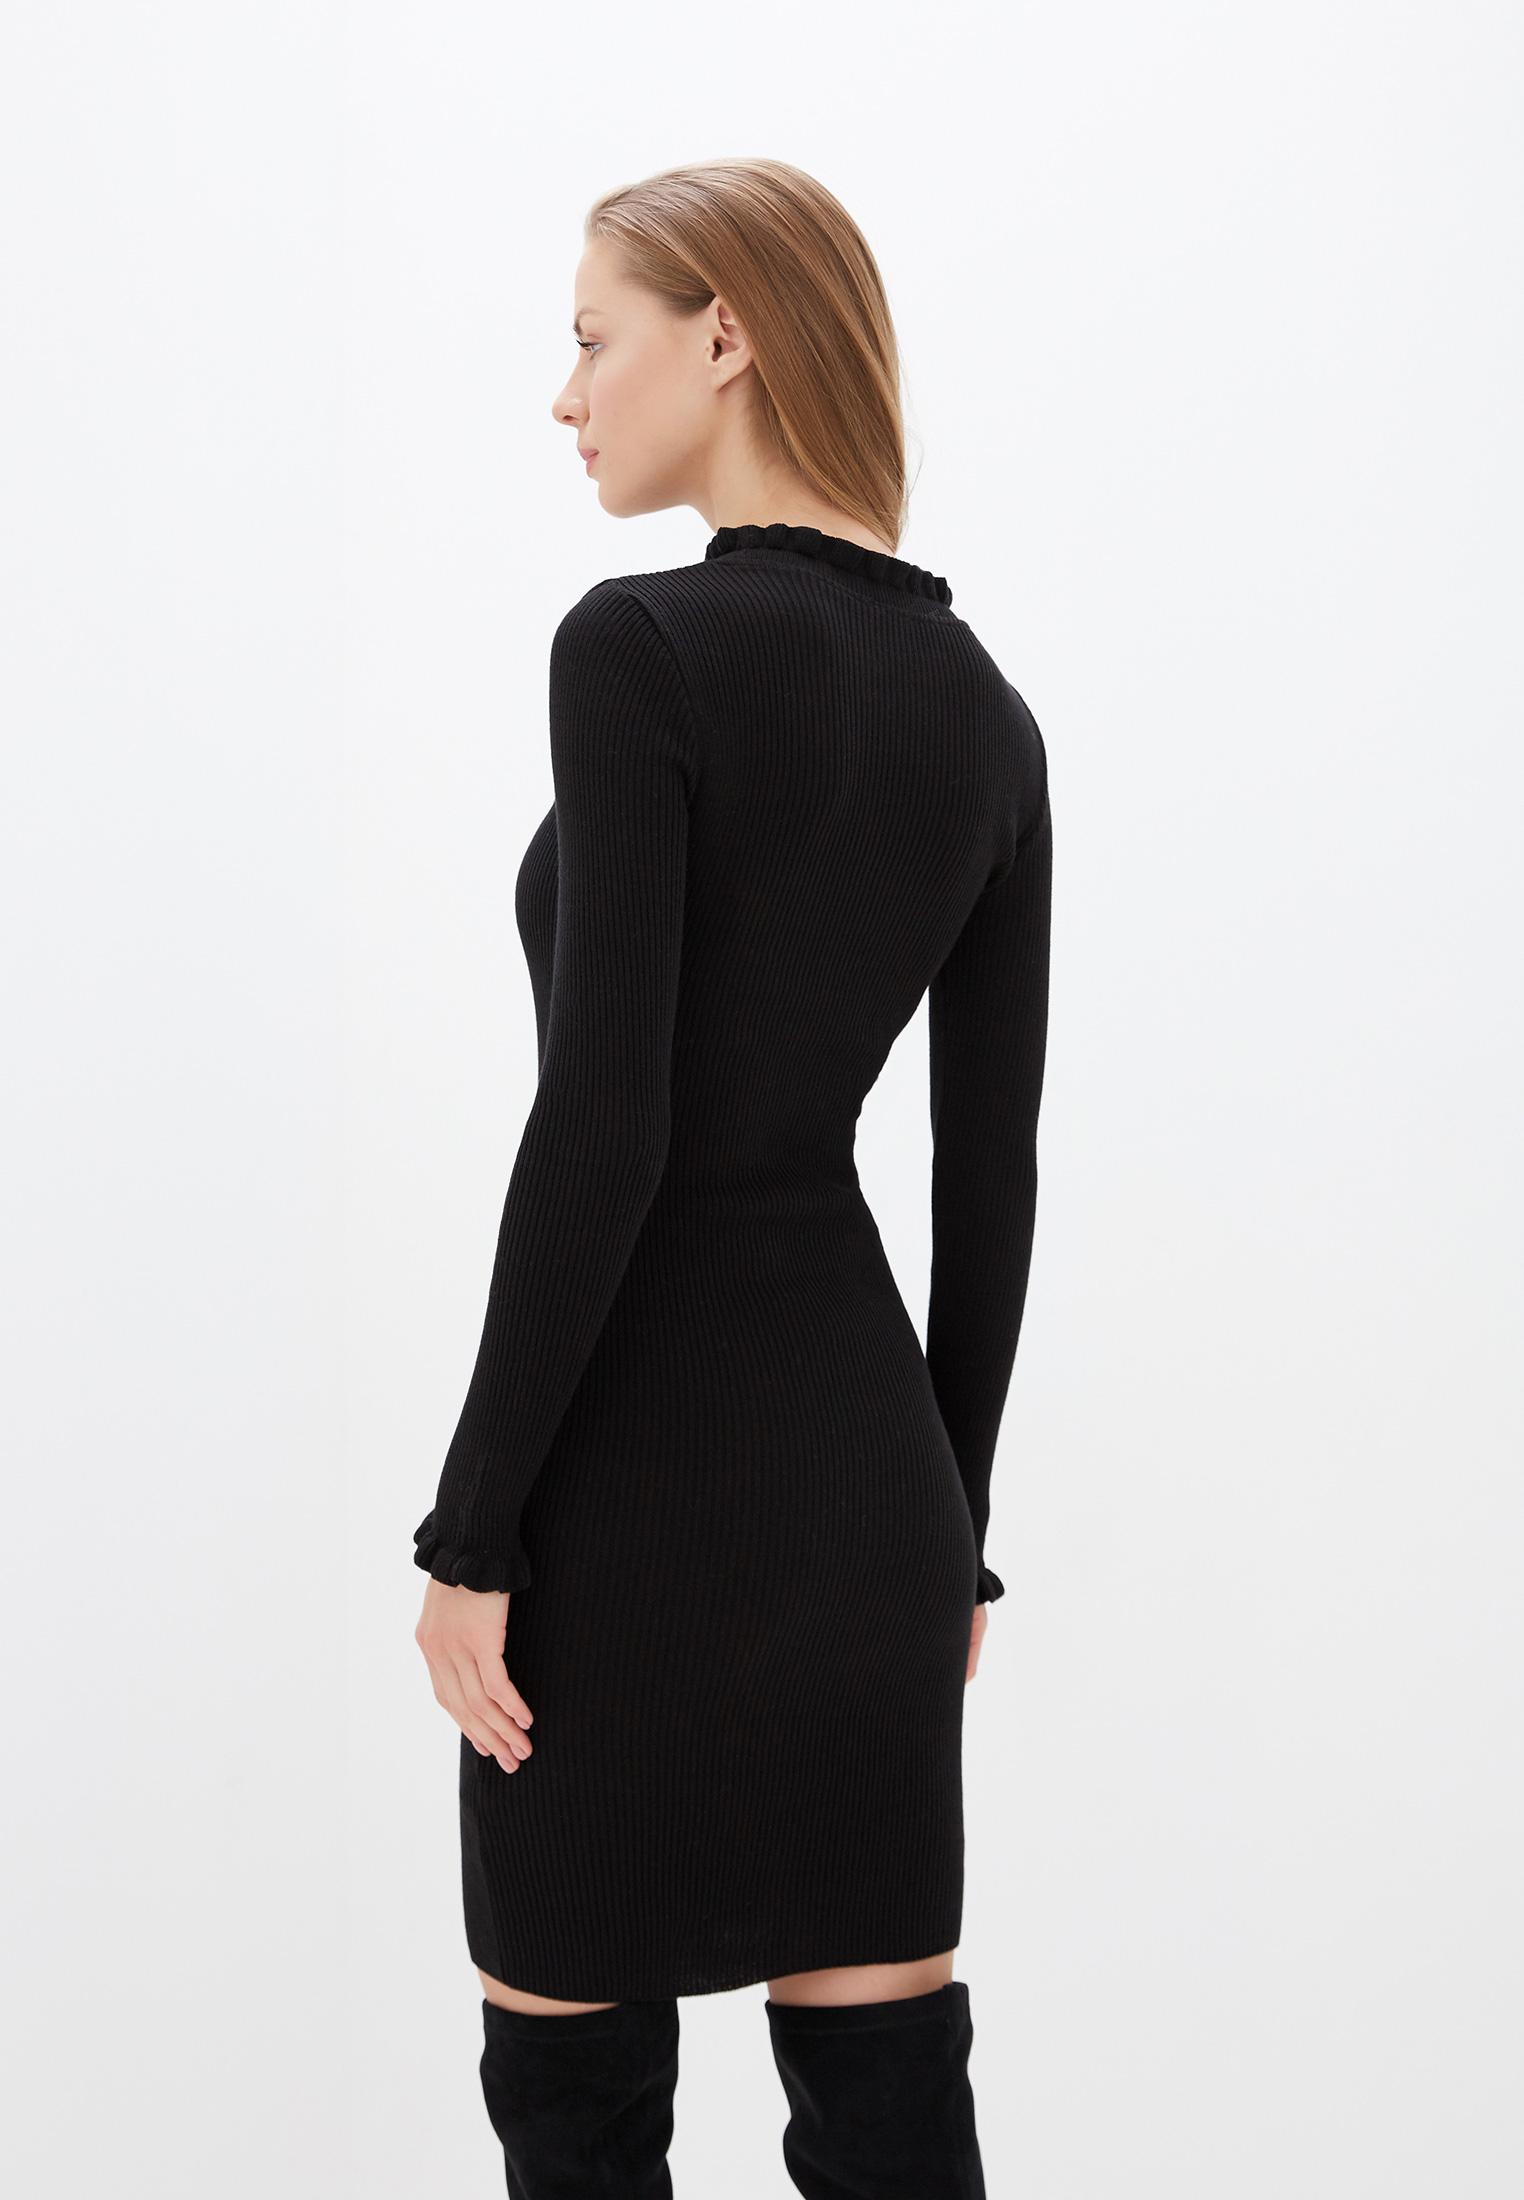 Вязаное платье Dorothy Perkins (Дороти Перкинс) 55317413: изображение 3